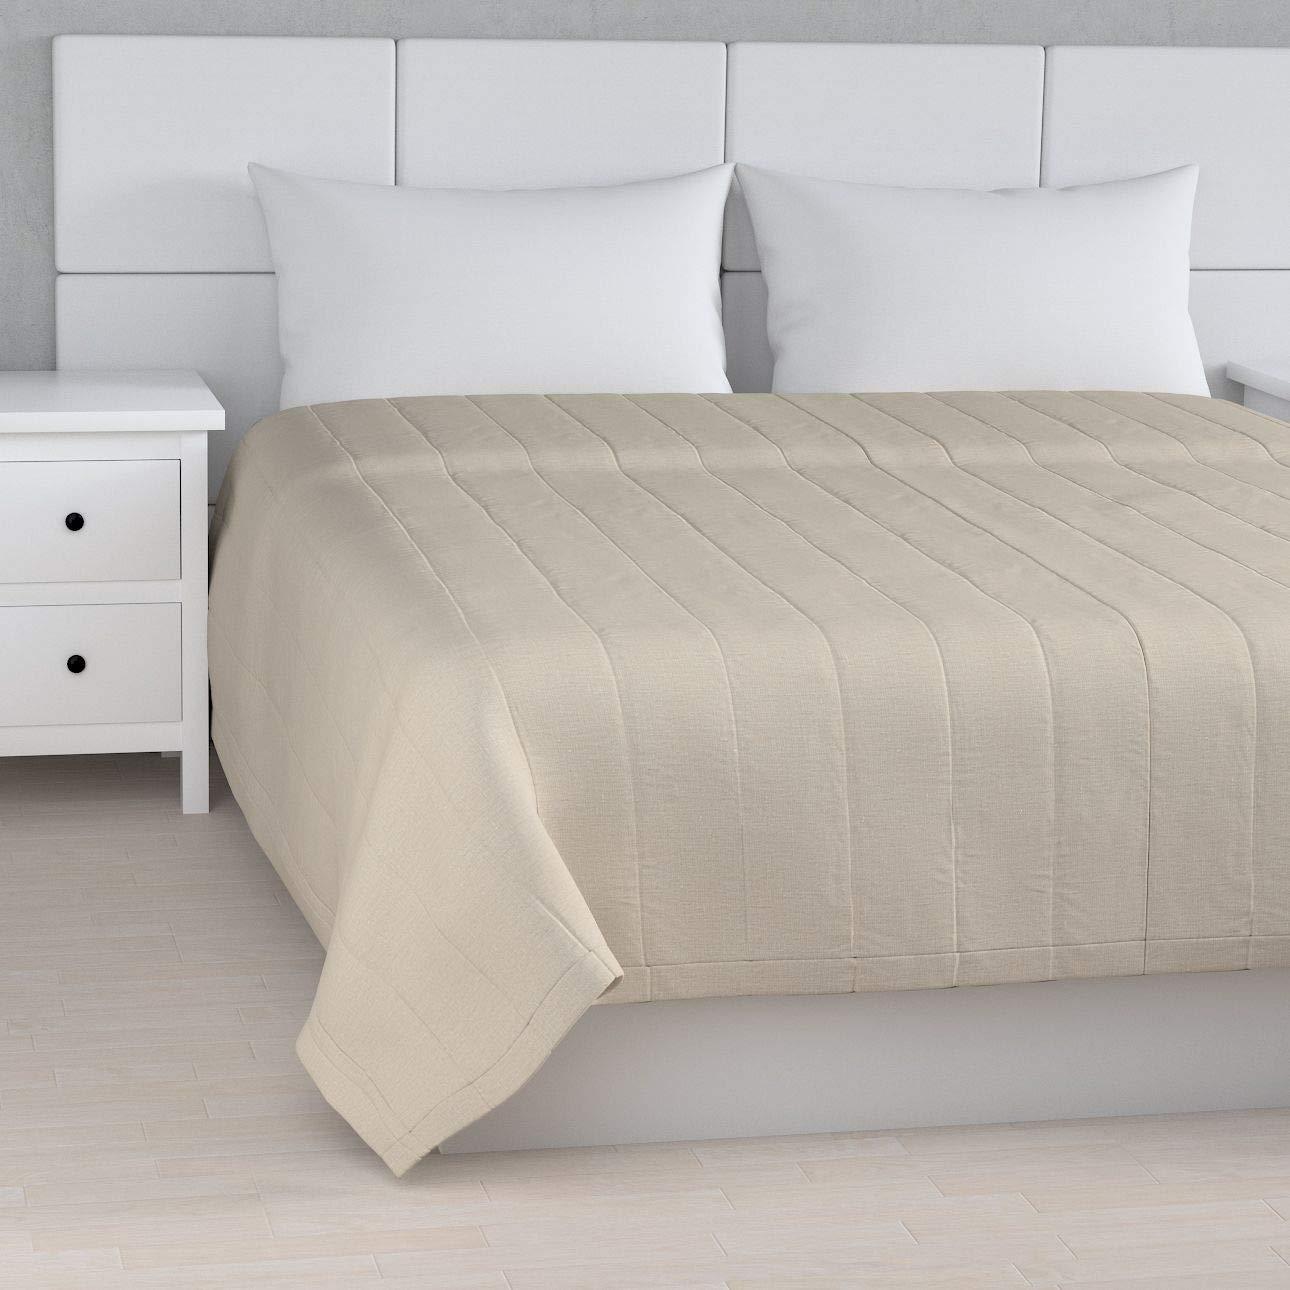 Dekoria Quilted throw(縦型キルトパターン)260 x 210 cm(102 x 83インチ) - ナチュラルリネン(重要:暖かいベージュの色合い)   B01CYYY4MO